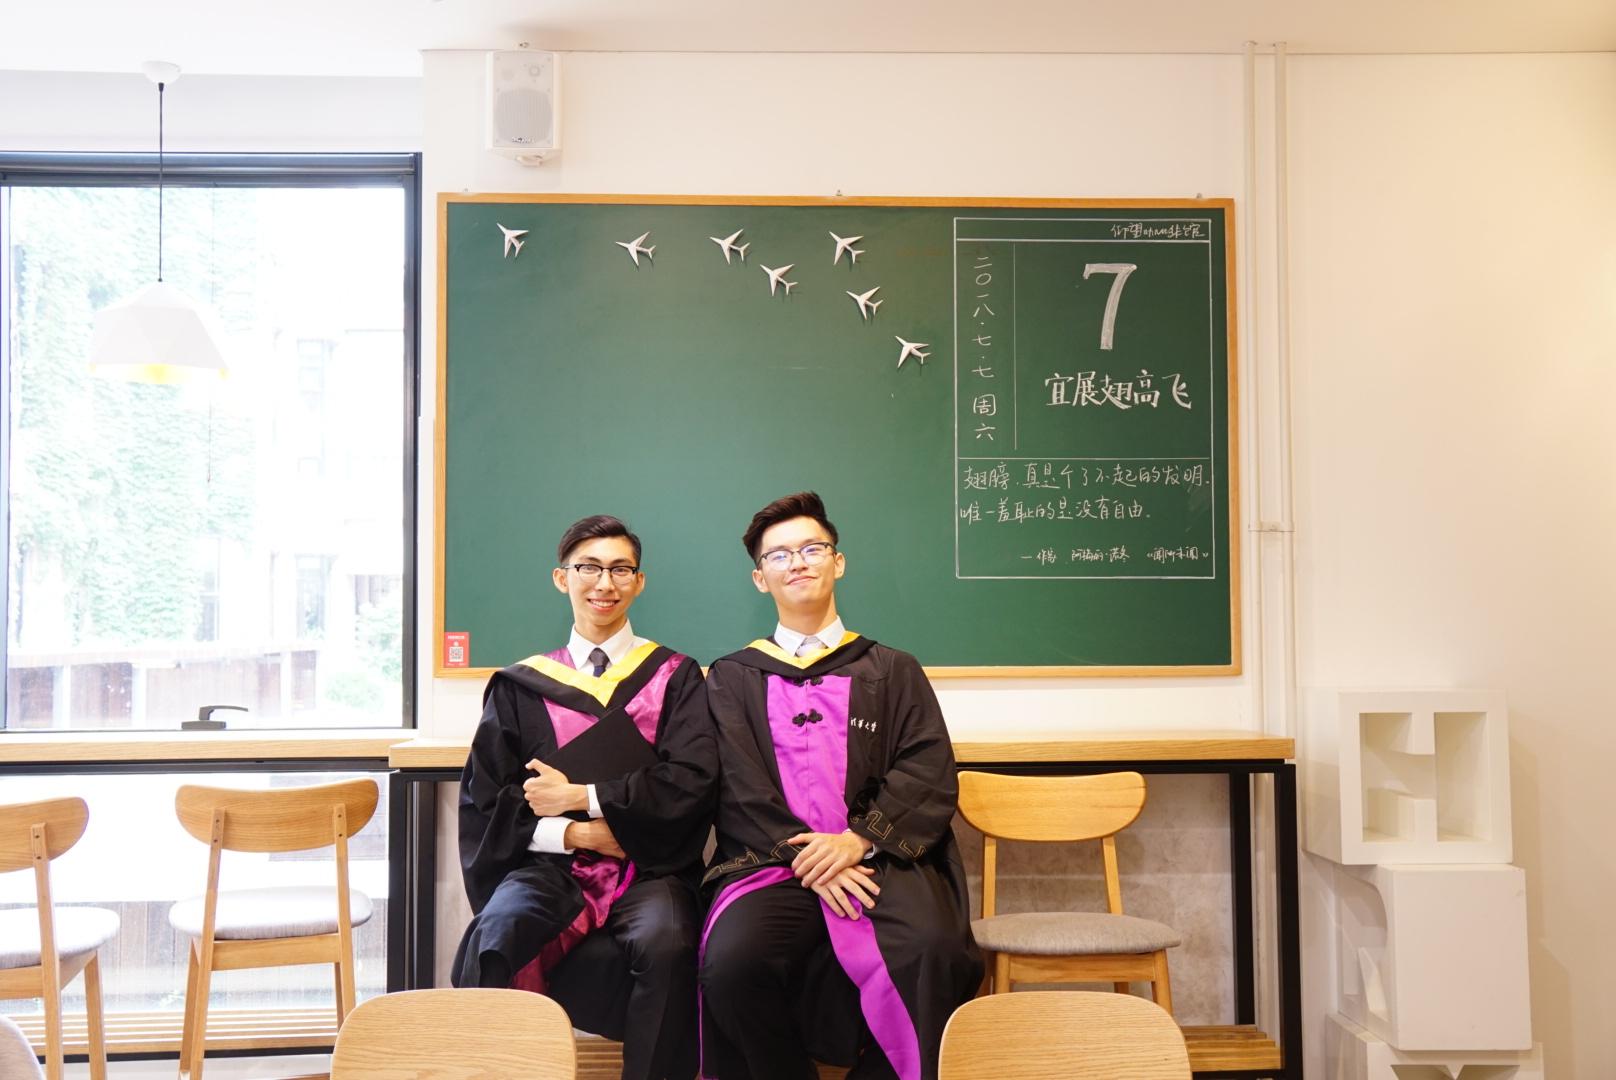 在清華大學的仰望咖啡室 (相片由受訪者提供)